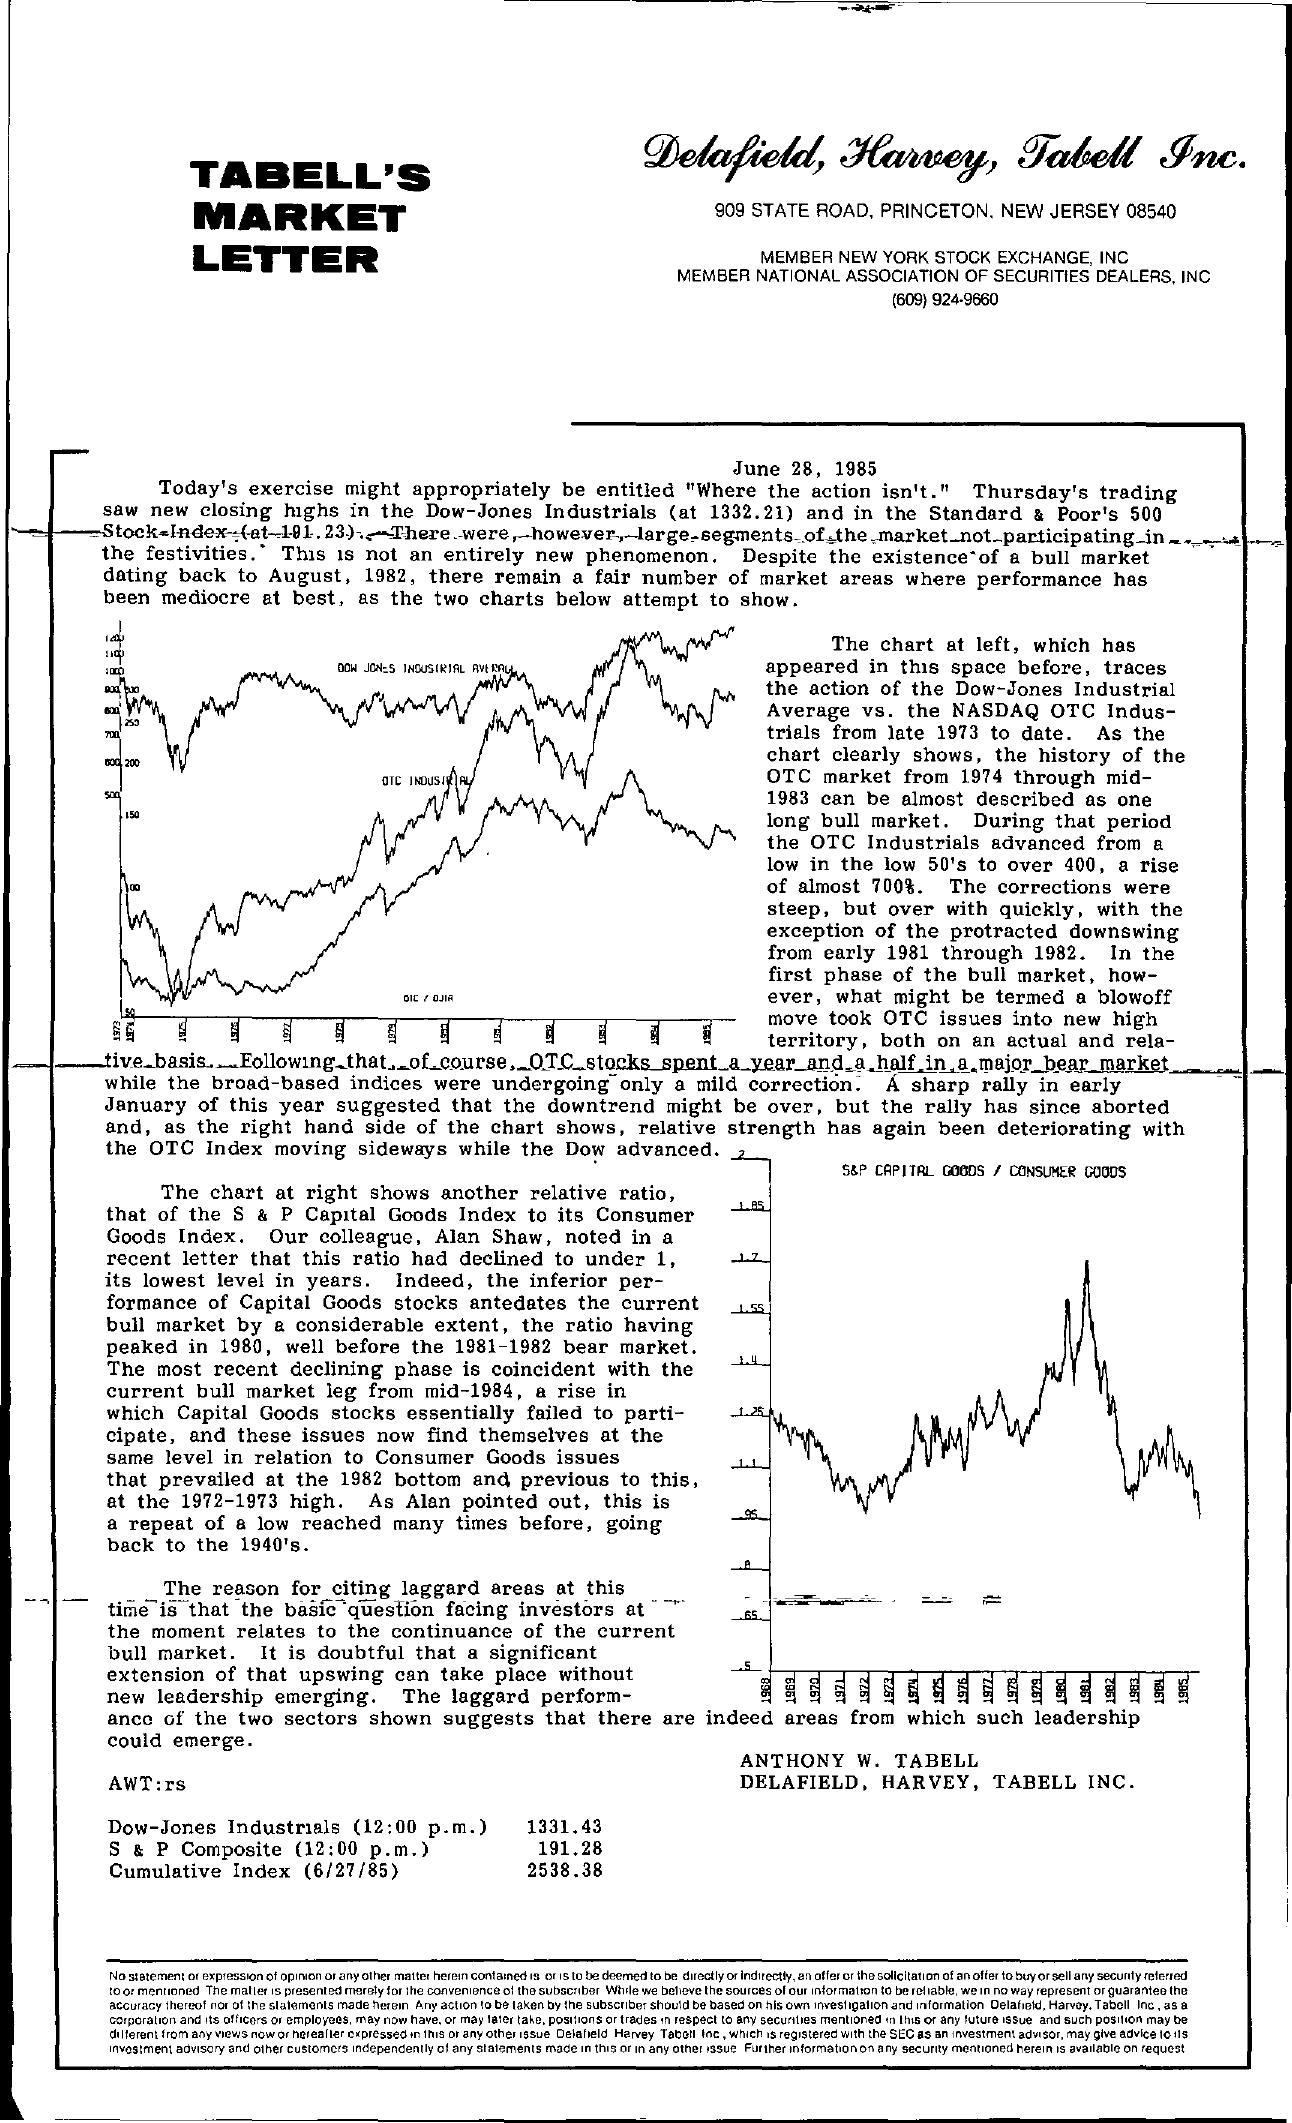 Tabell's Market Letter - June 28, 1985